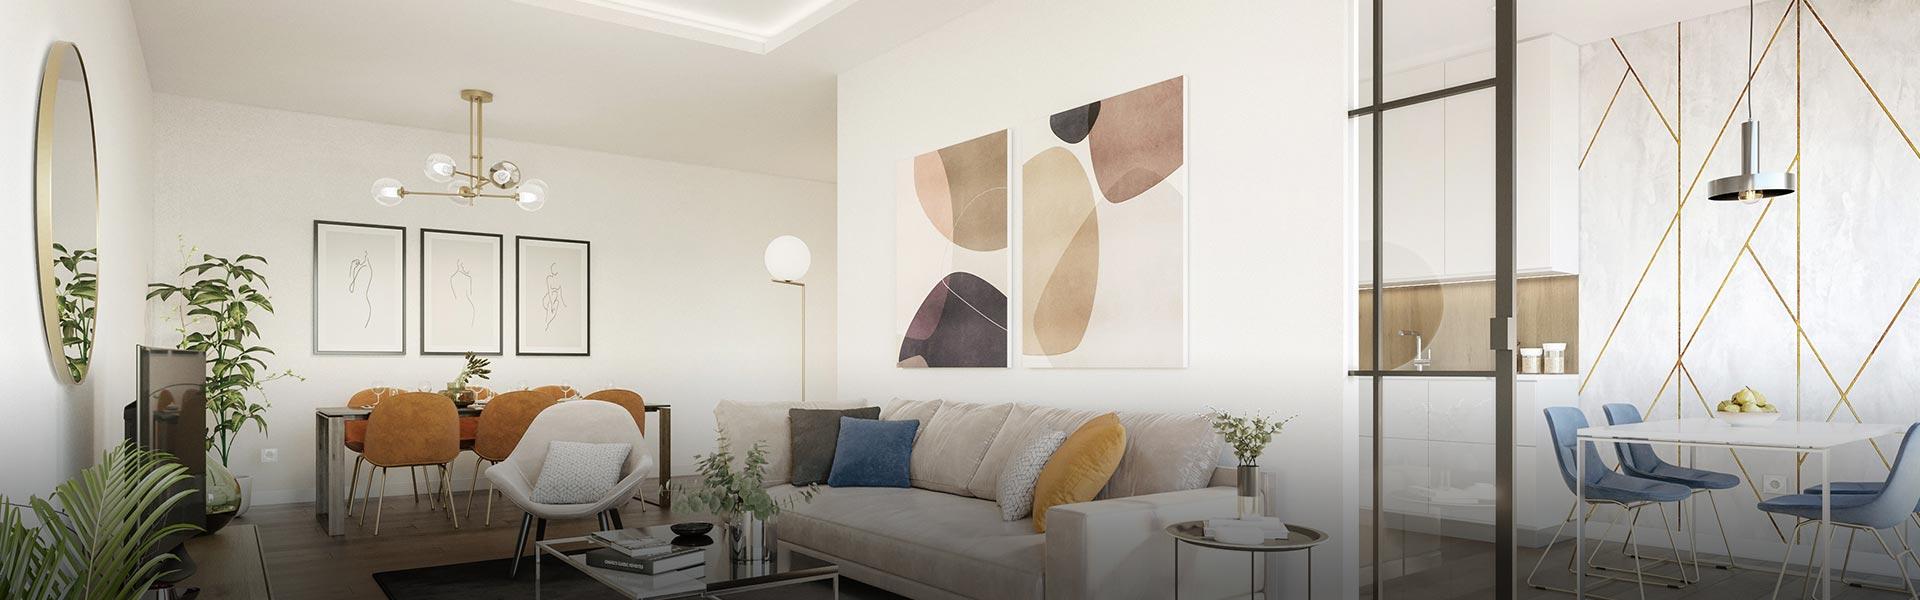 Interiores personalizados con calidades de primera